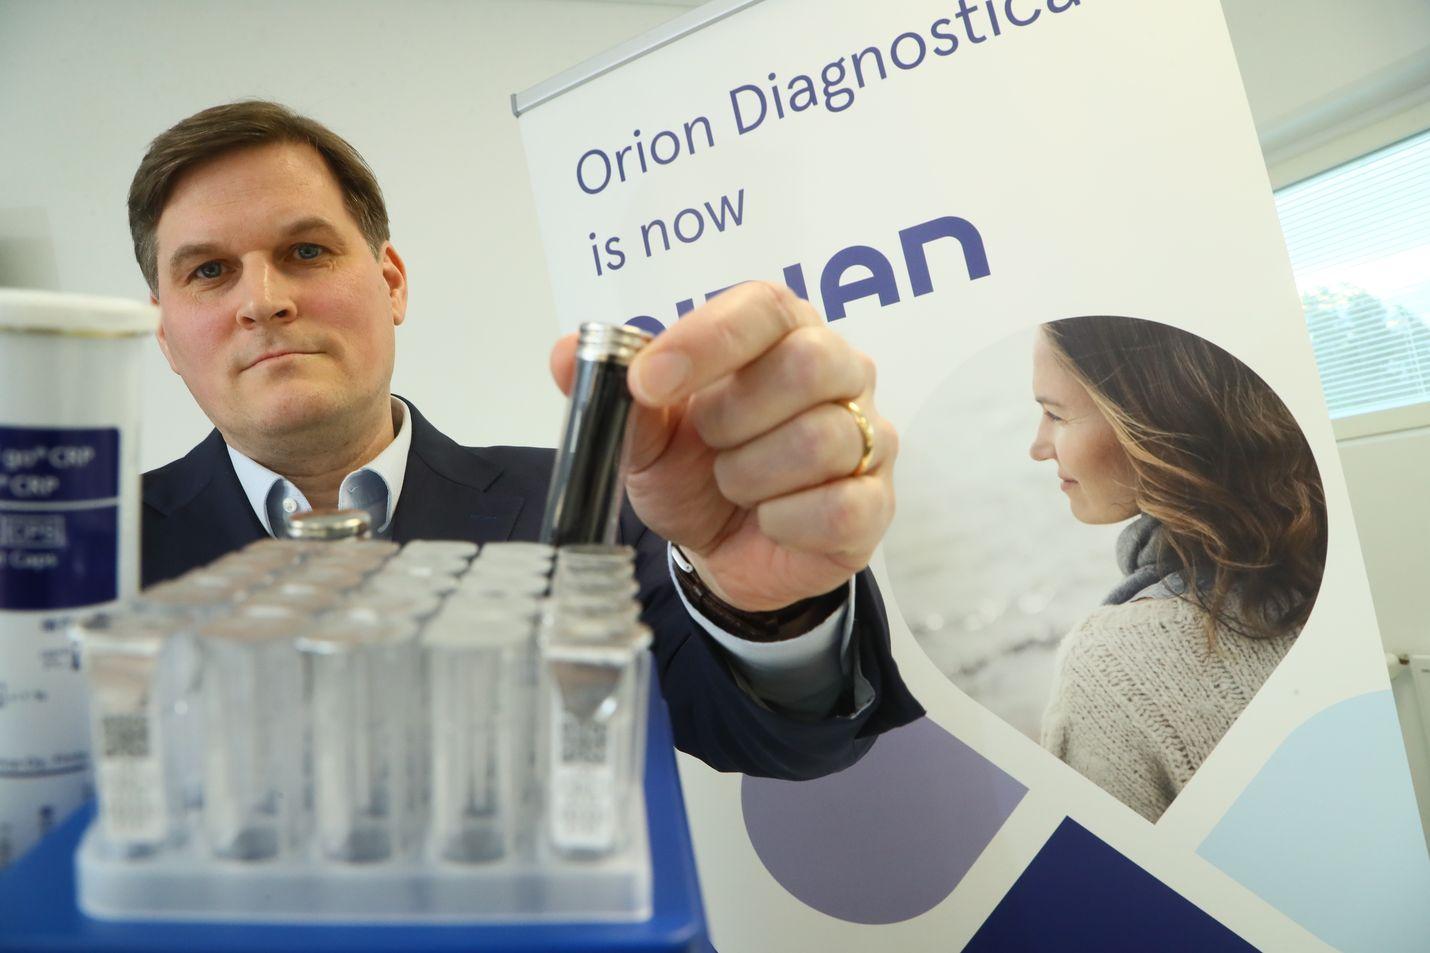 Aidianilla on 50 vuoden kokemus diagnostisista testeistä. Nyt niistä on Kiinassa huutava pula, mutta toimitusjohtaja Juho Himbergin mukaan prosessi tökkii Suomen päässä.